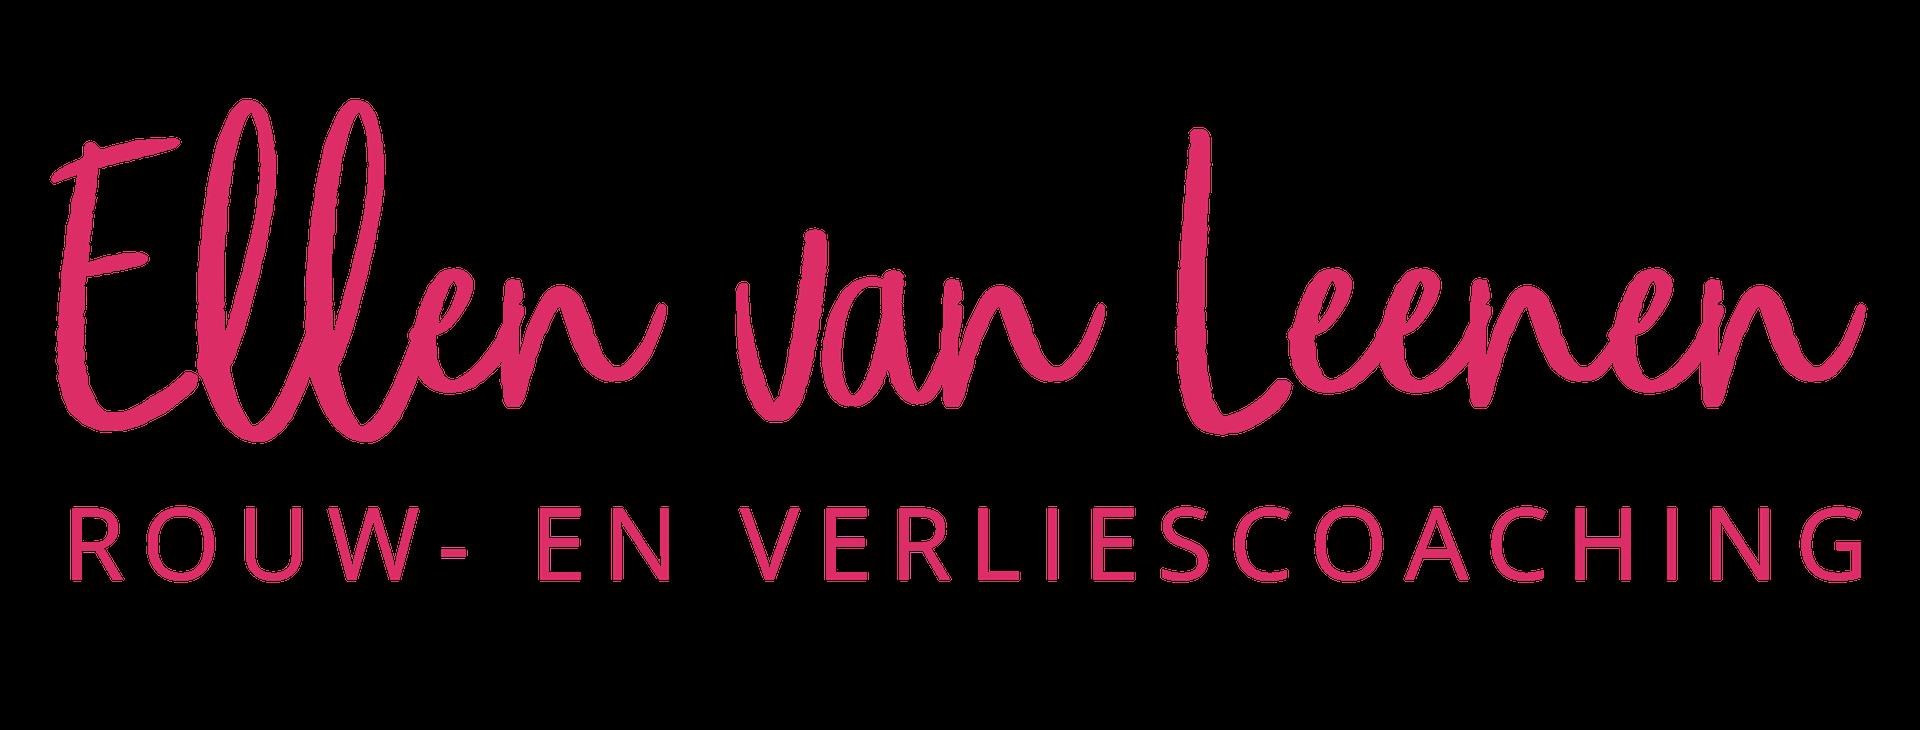 Ellen van Leenen